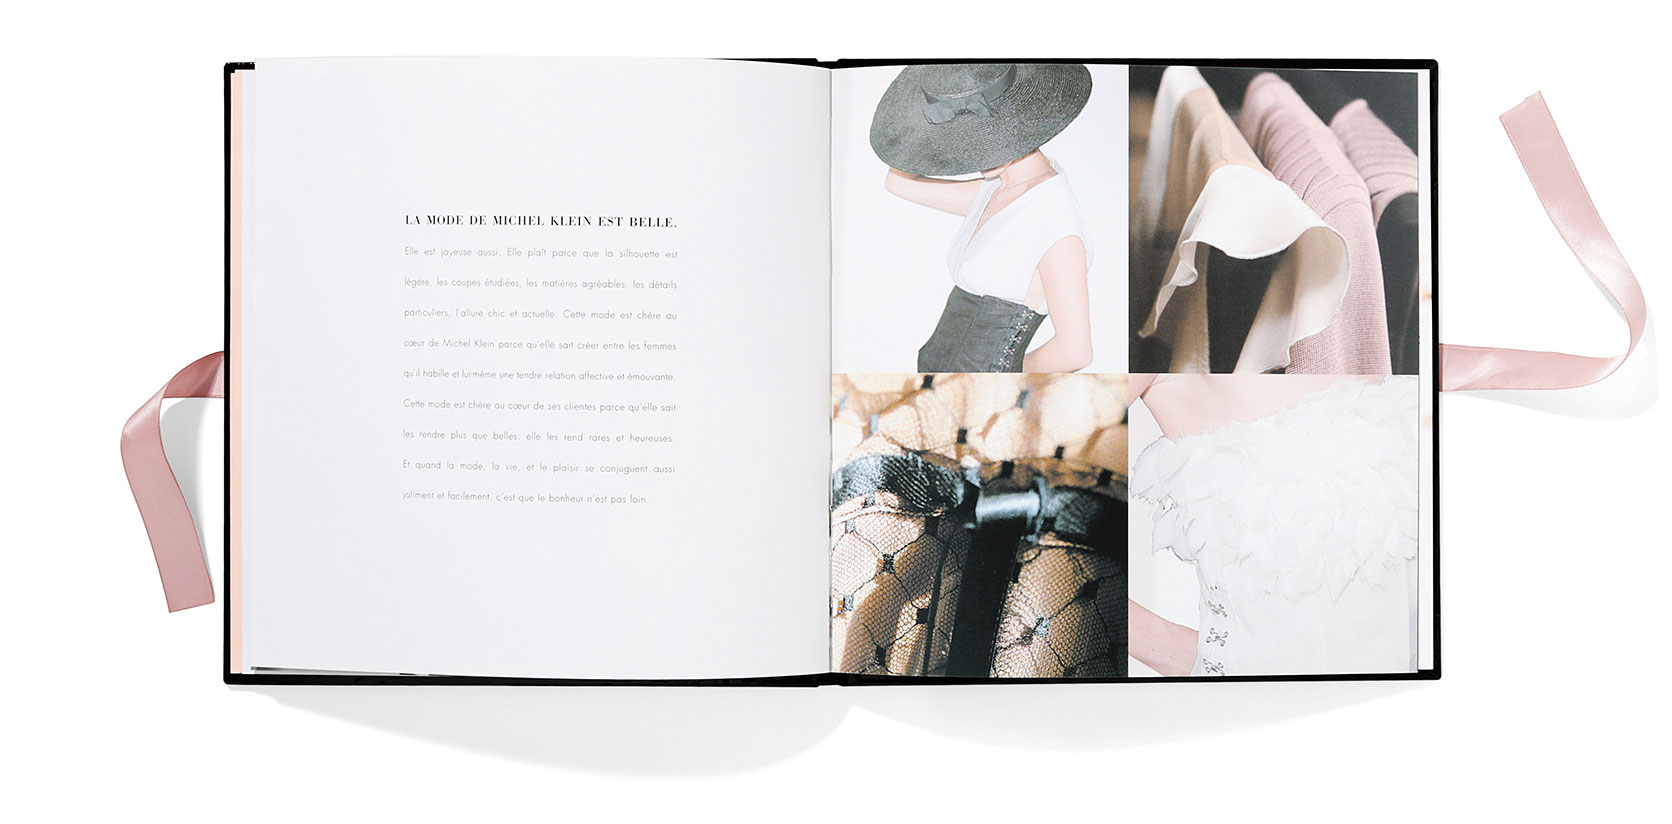 Michel-Klein-4-cadre-opti-eleve-copie